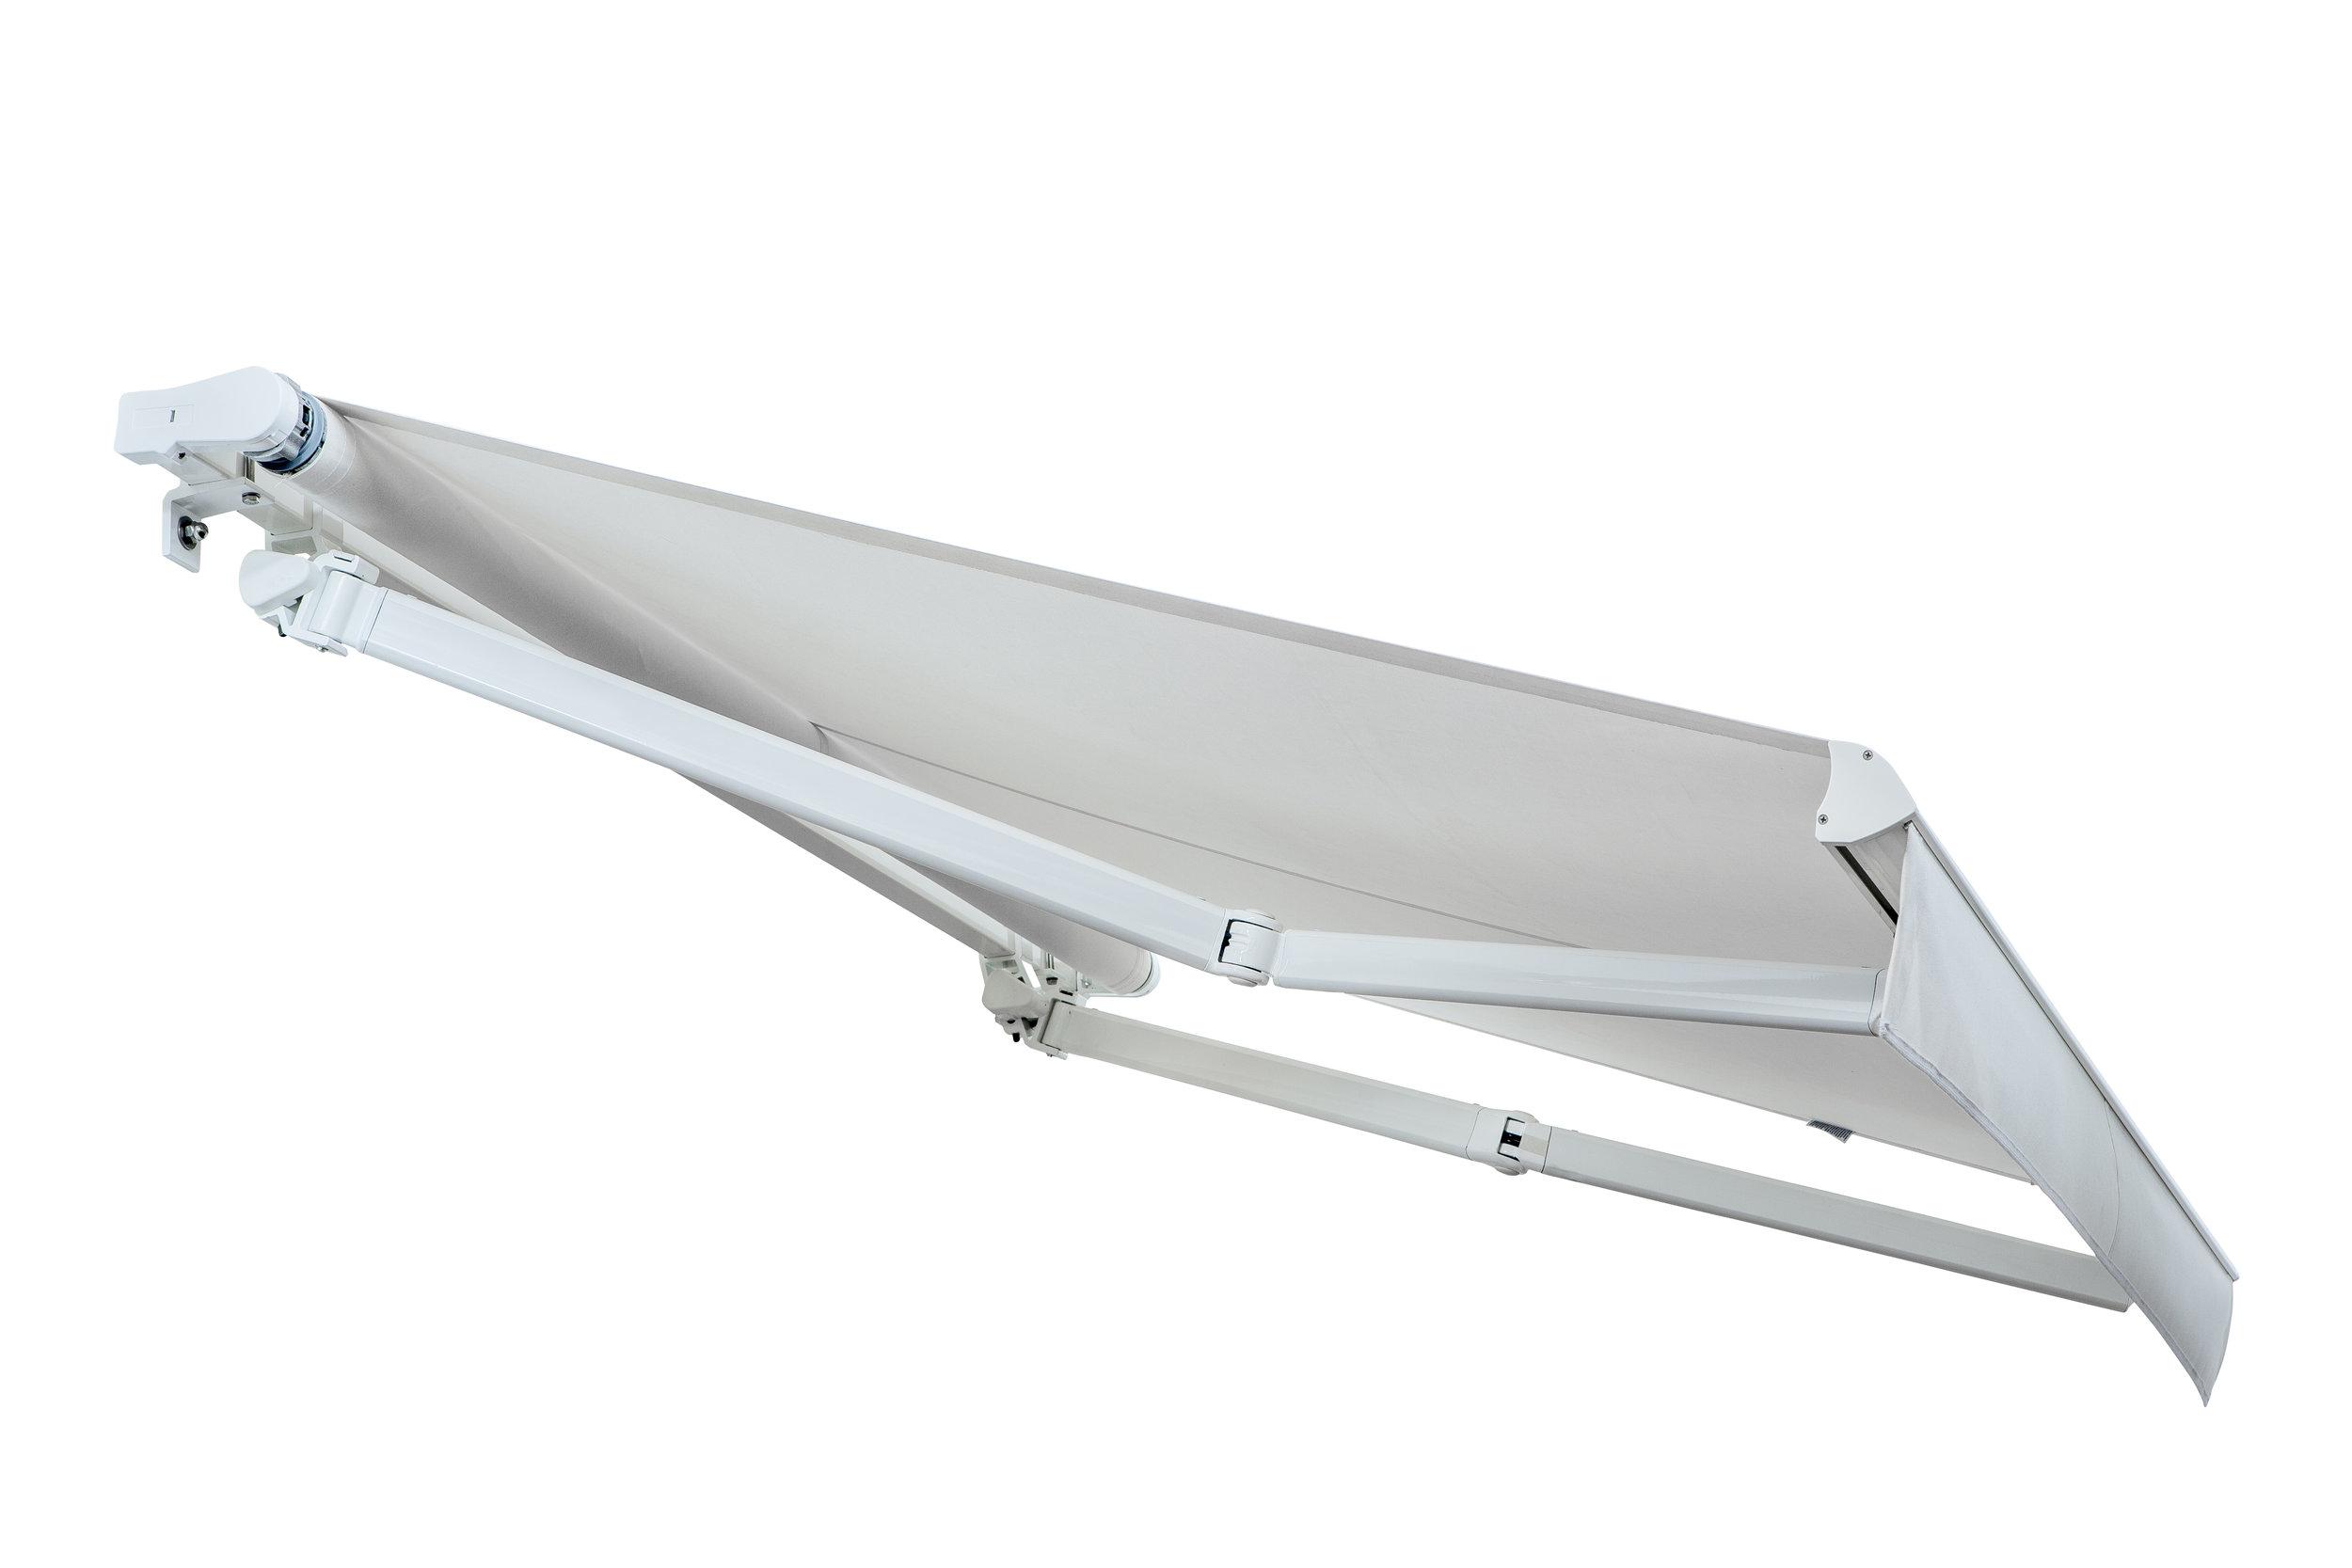 COMPACT LINE - - Tenda su barra quadra dal design compatto- Ideale per qualsiasi soluzione ambientale- Dimensione max (L) 1200 cm x (Sp) 300cm